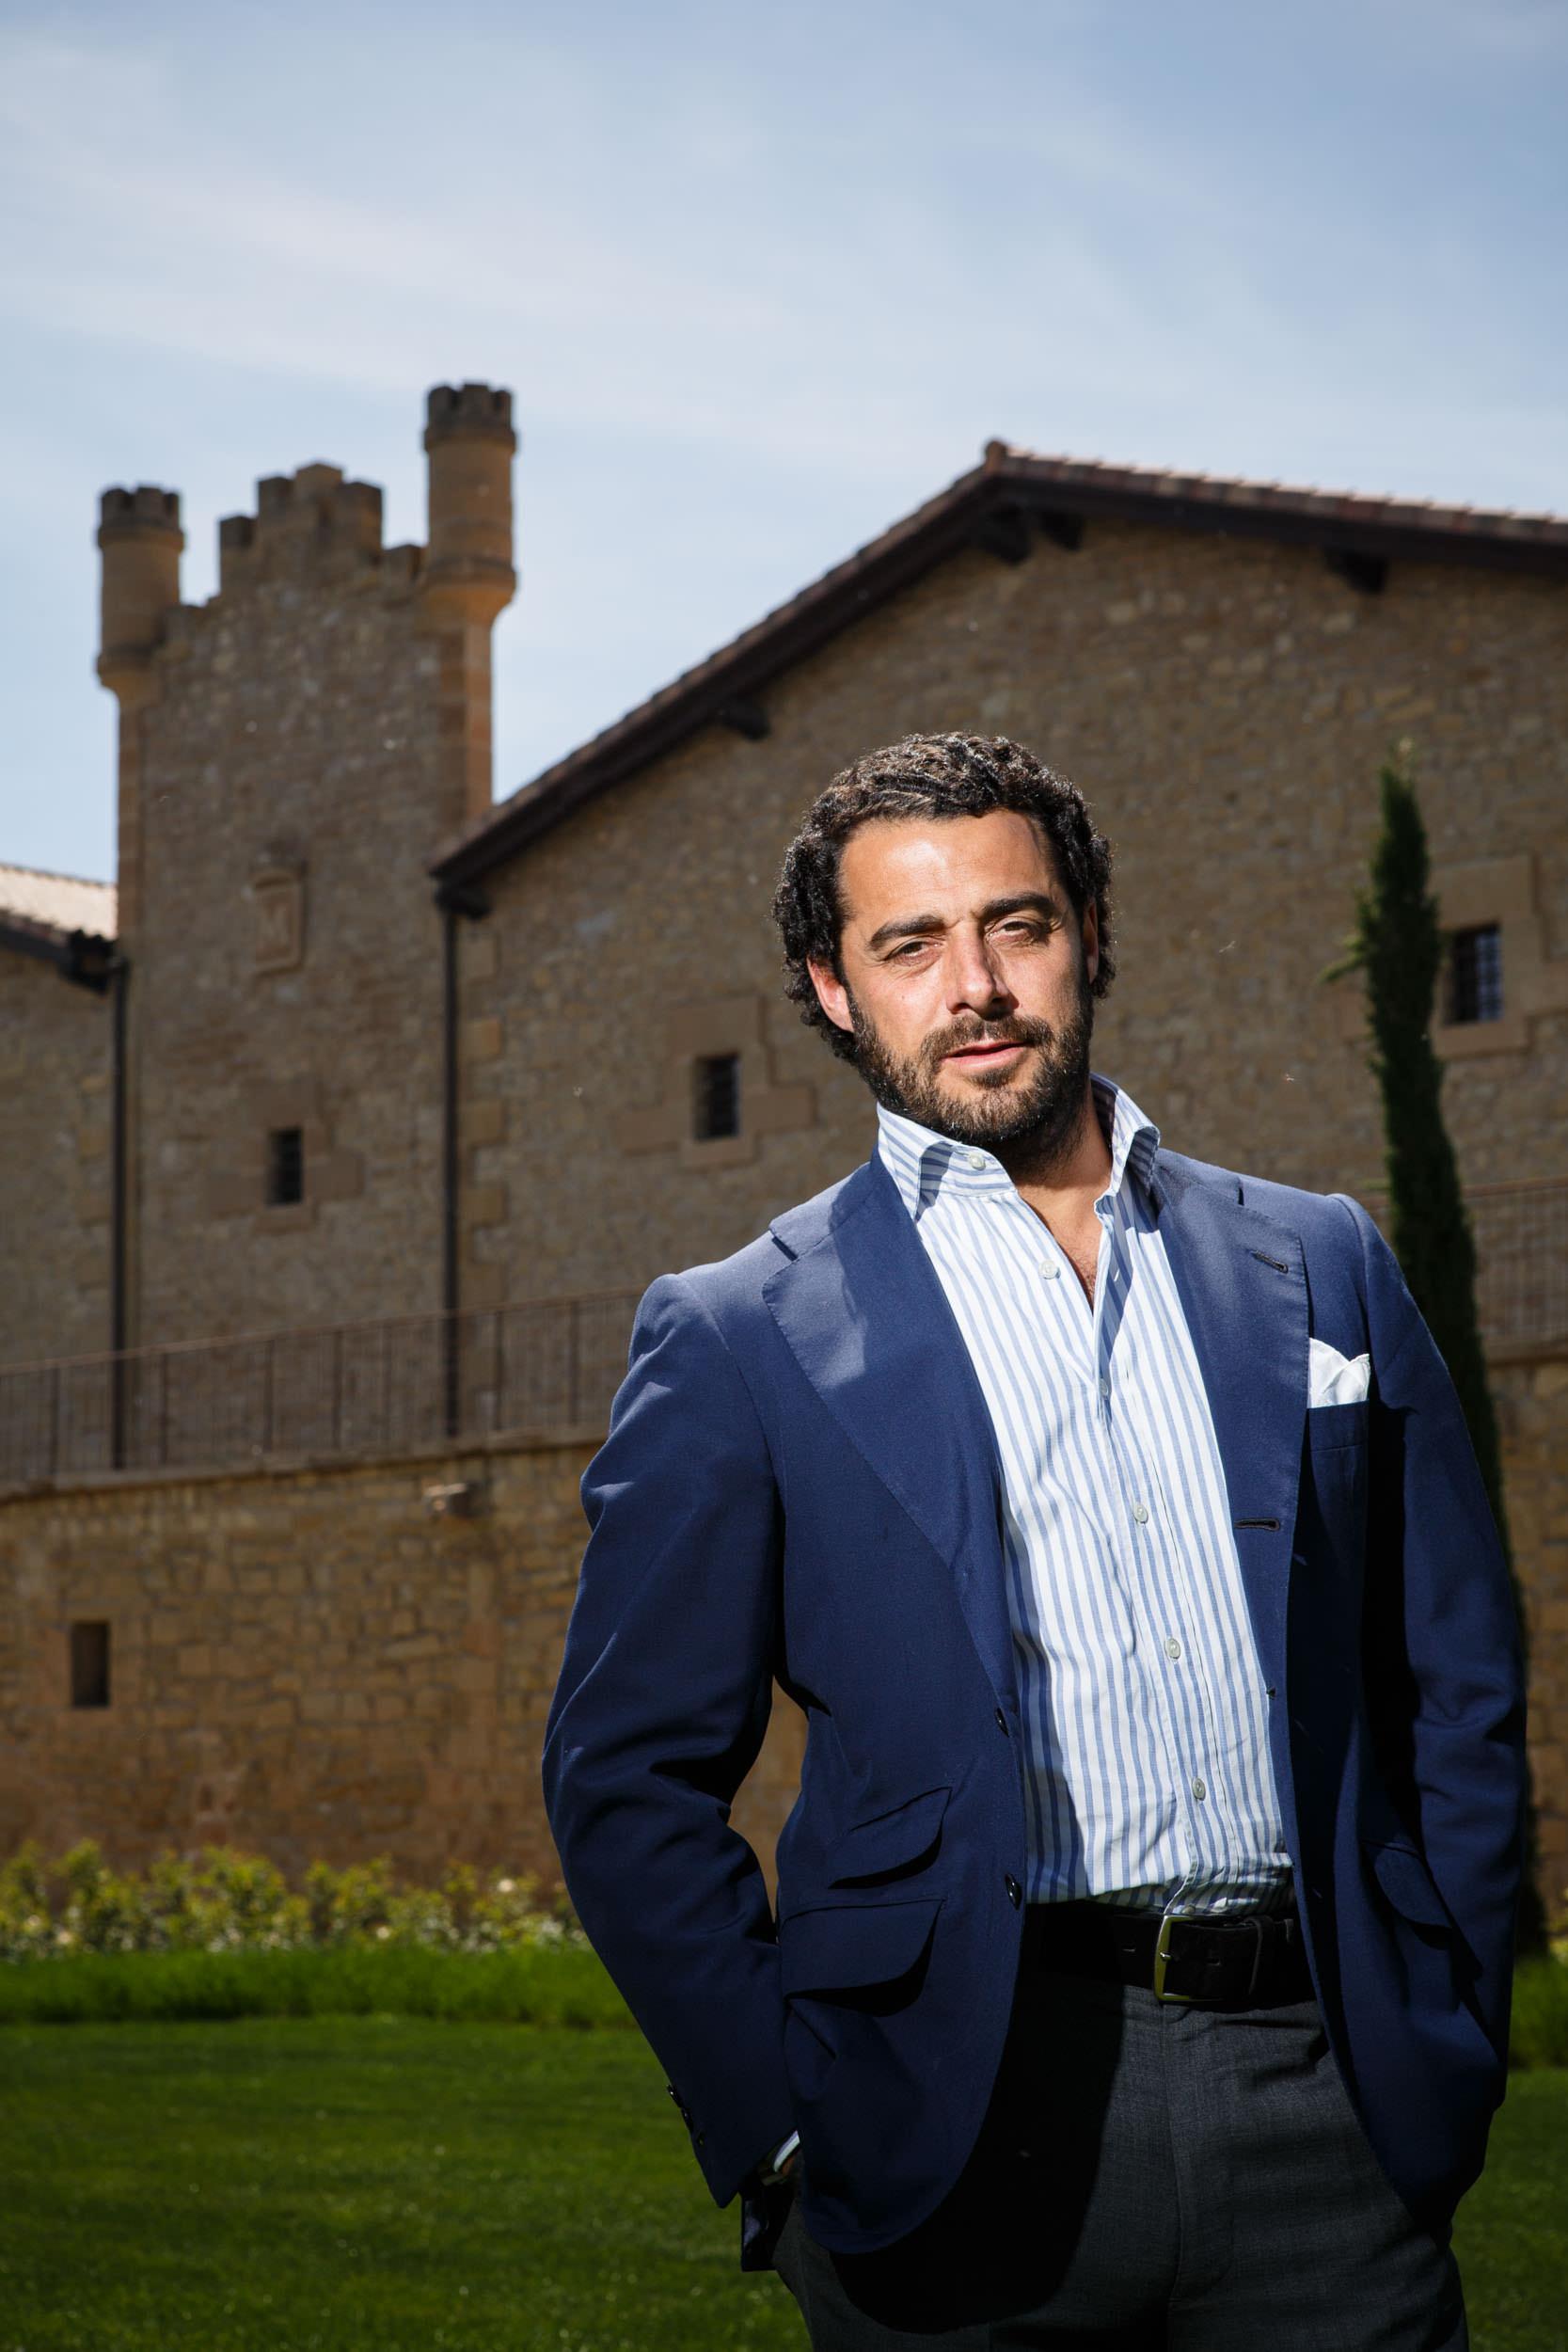 Fotografia de Retratos La Rioja Pais Vasco España - James Sturcke - sturcke.org_019.jpg